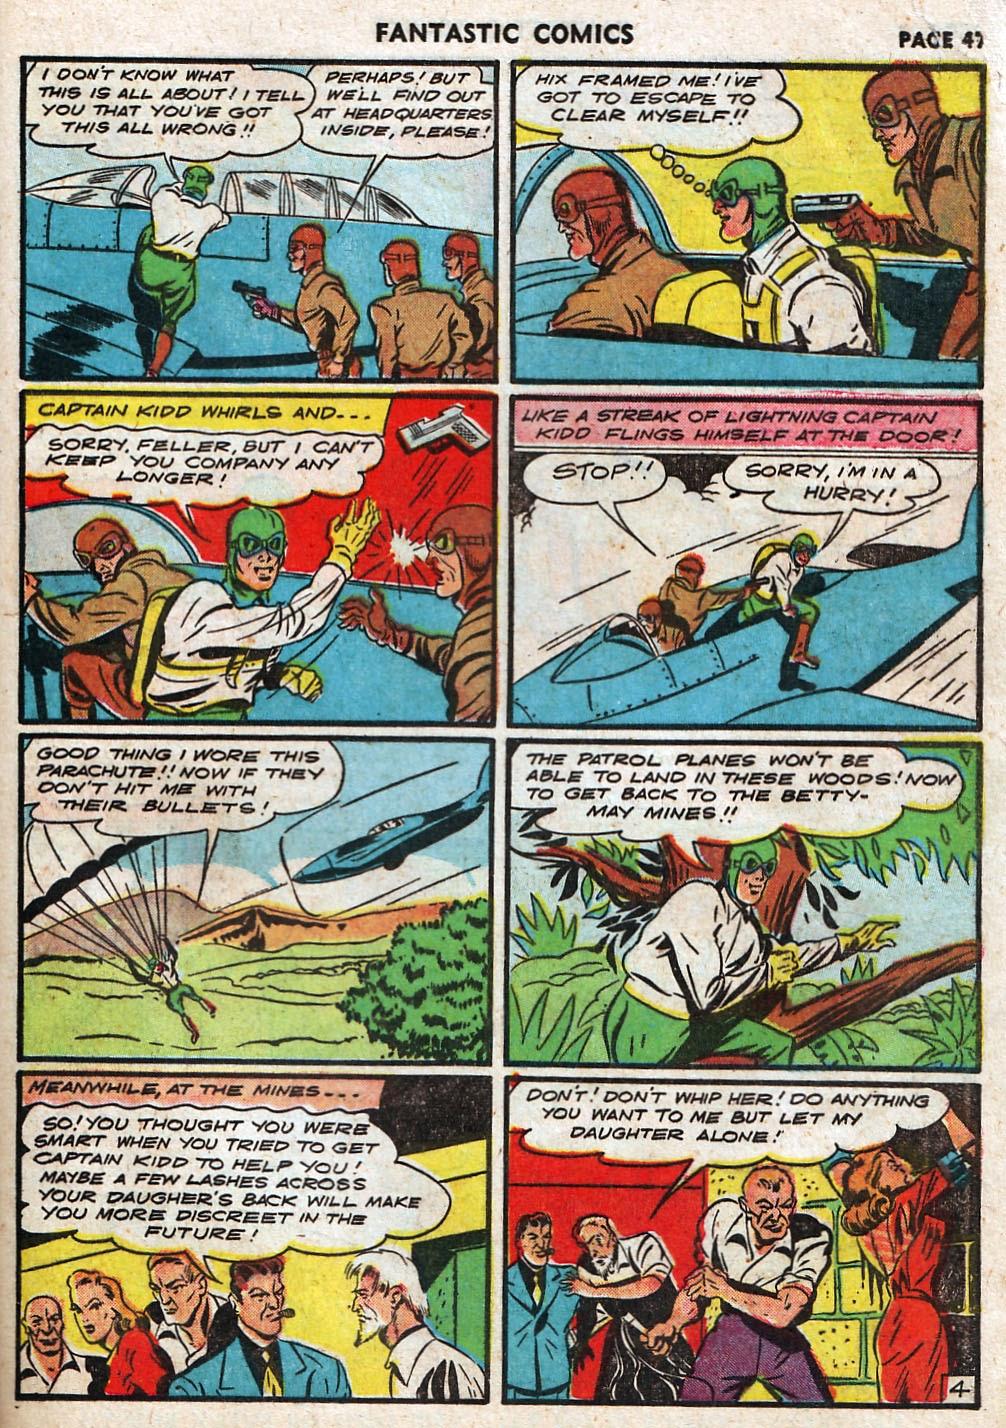 Read online Fantastic Comics comic -  Issue #17 - 48